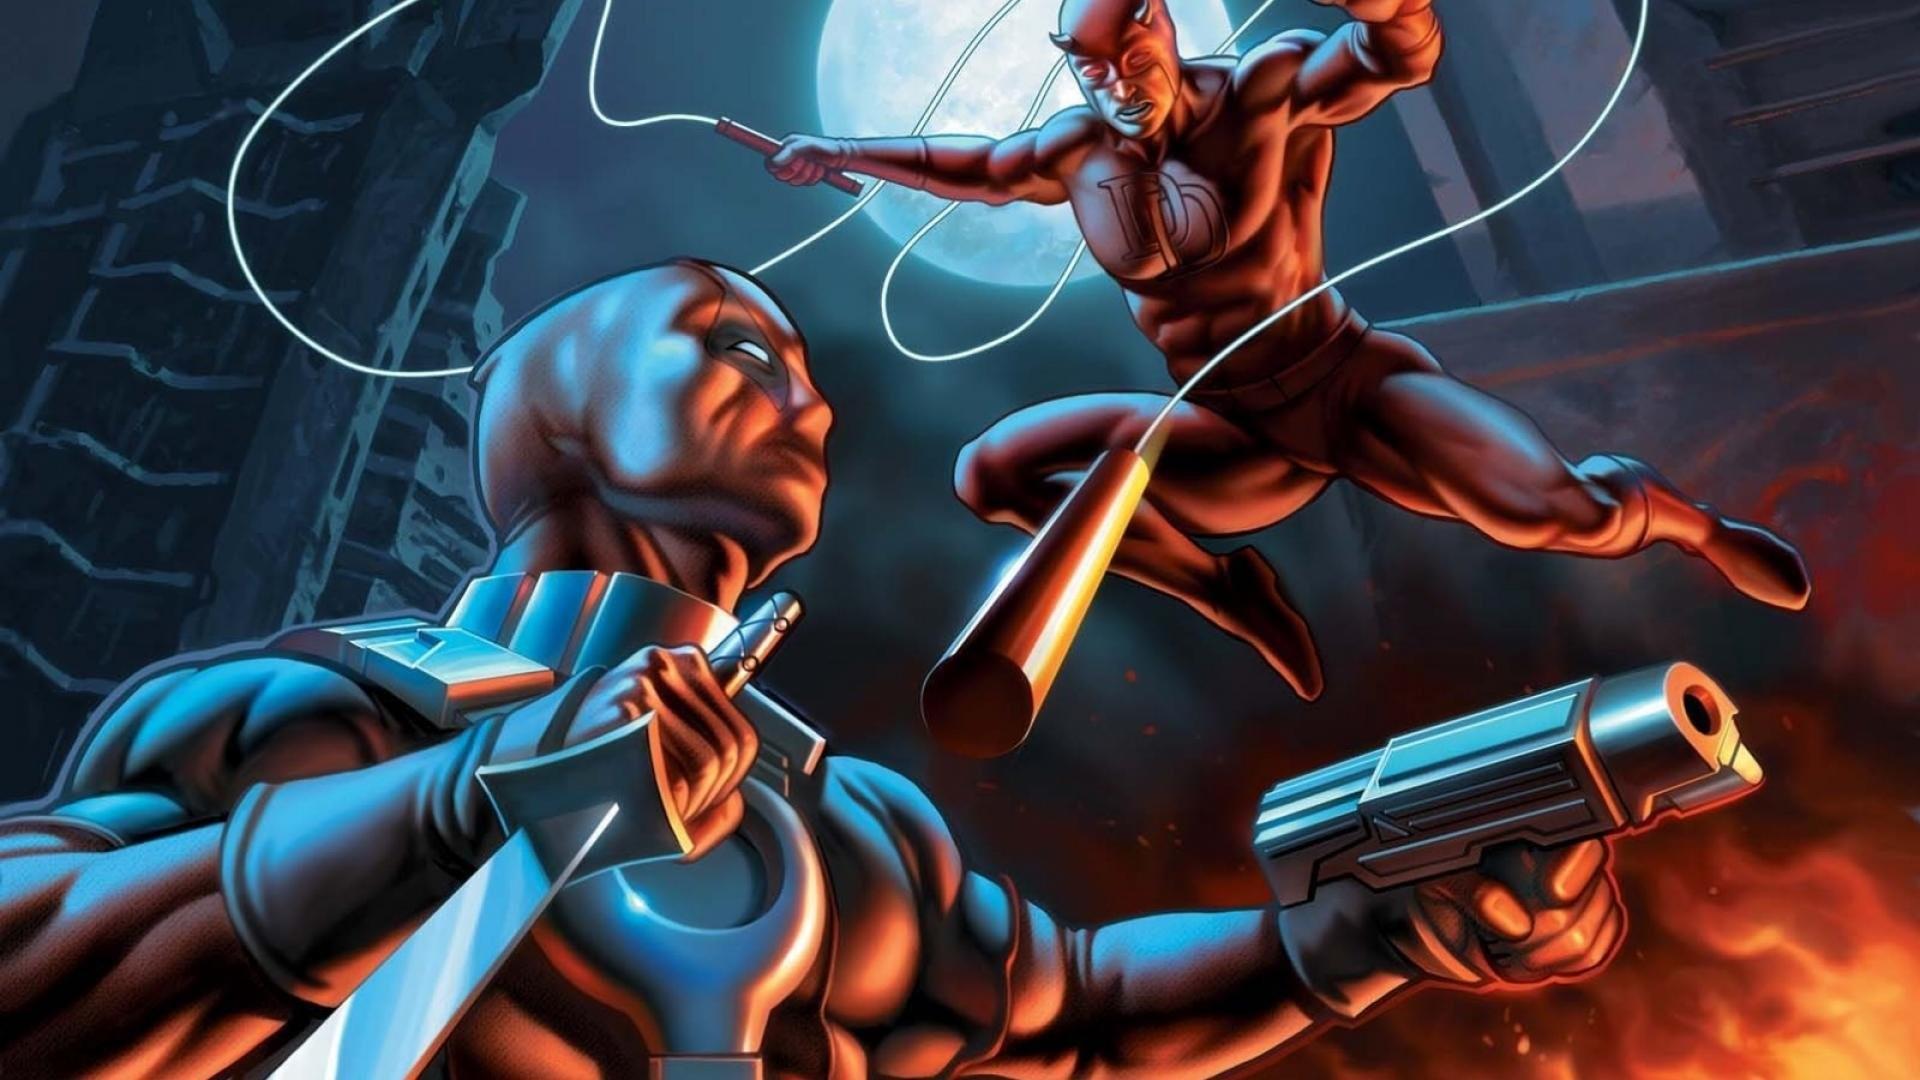 Daredevil 775452; daredevil marvel comics